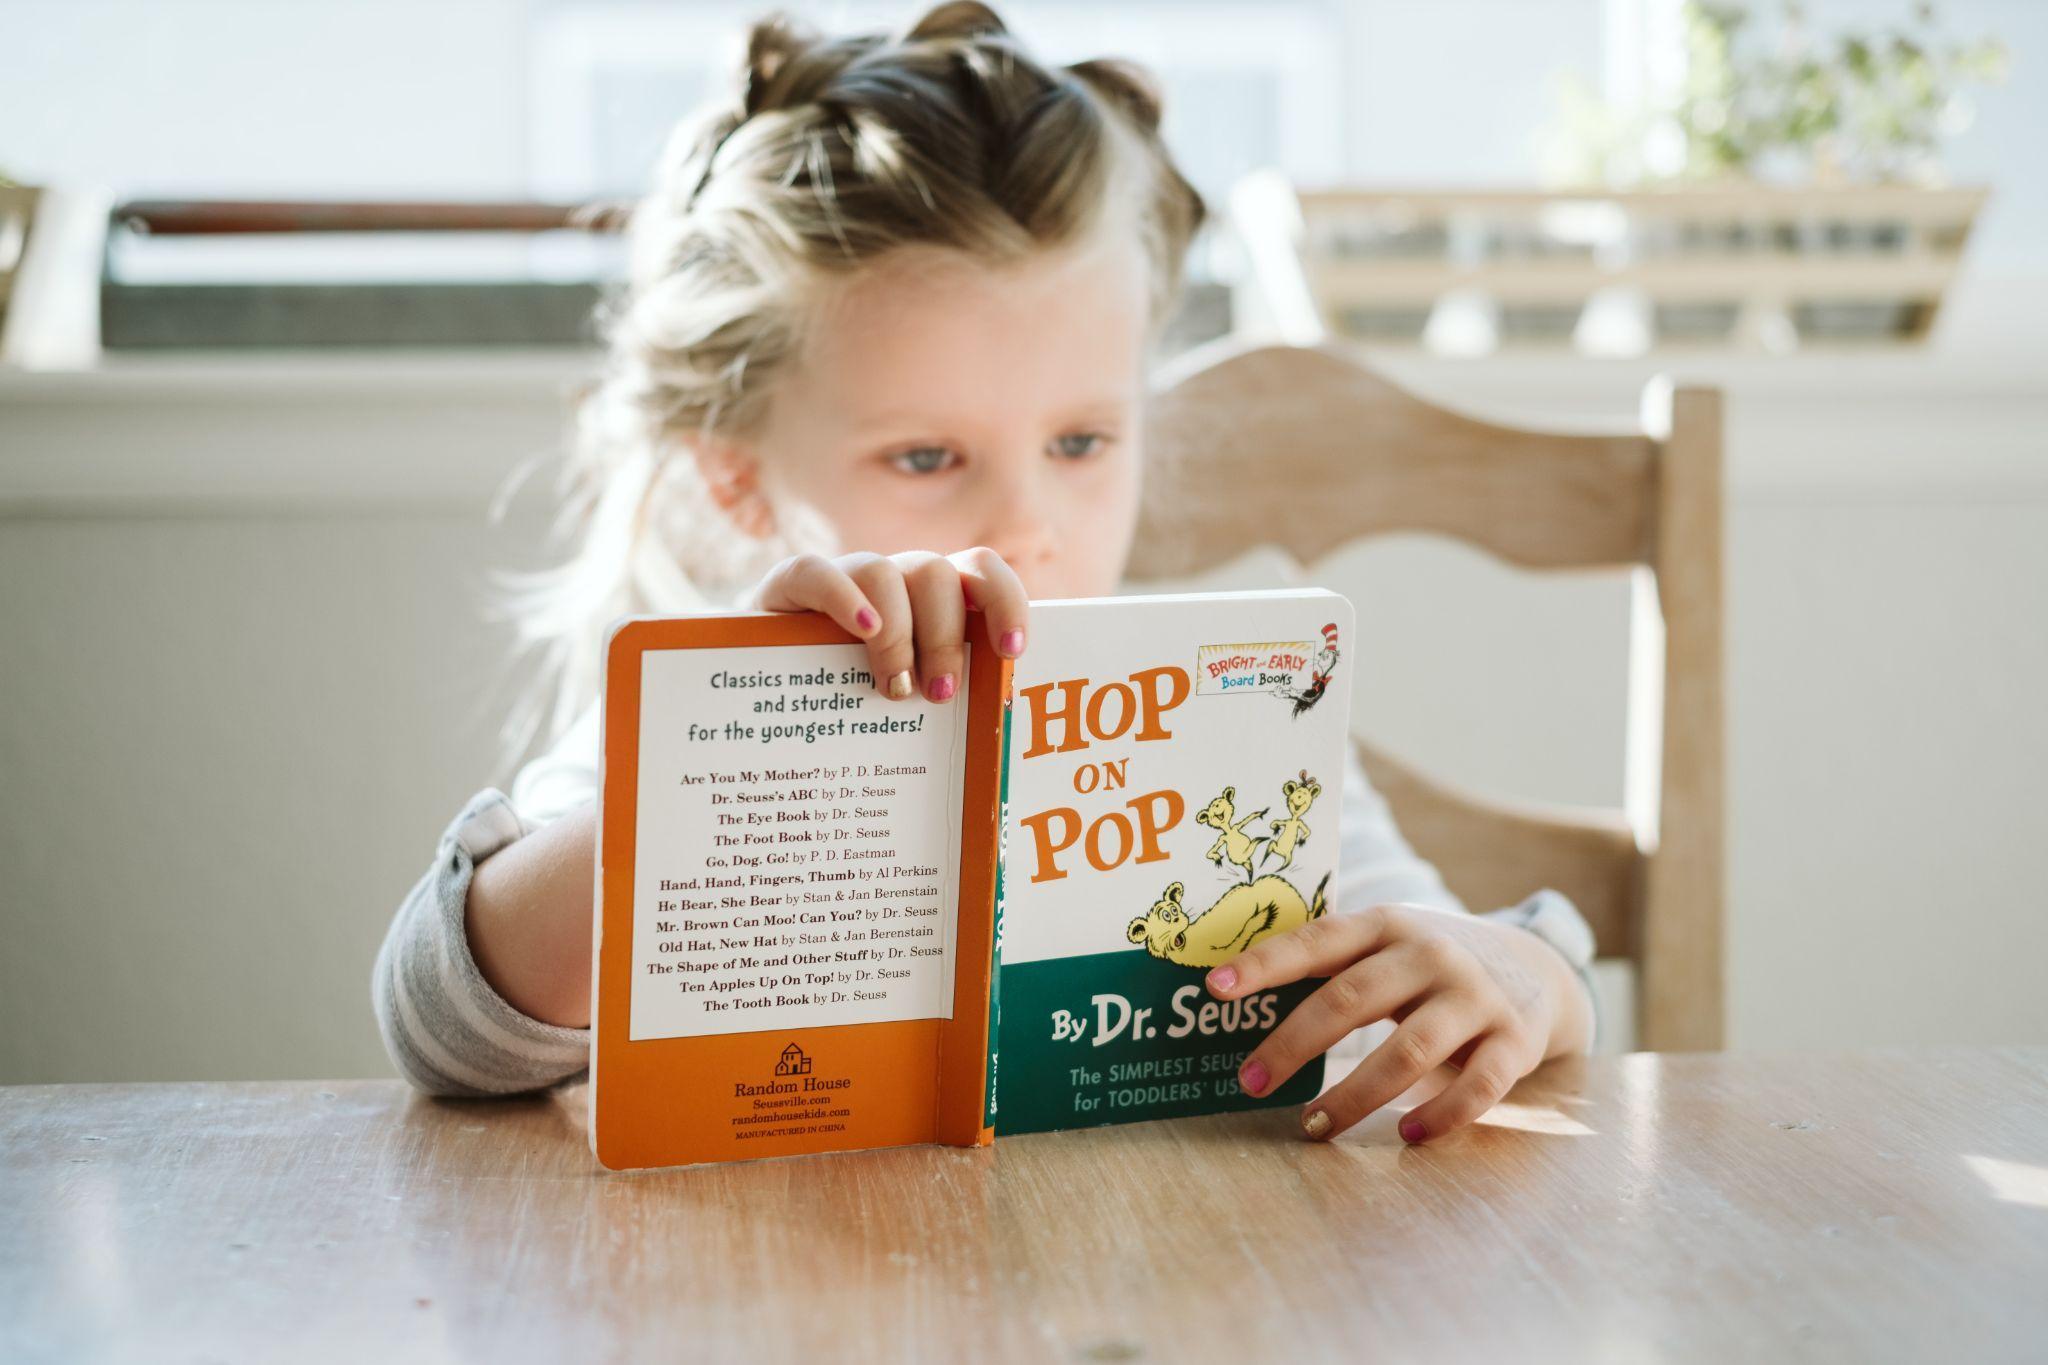 Kemampuan anak akan meningkat dengan membaca buku bahasa Inggris